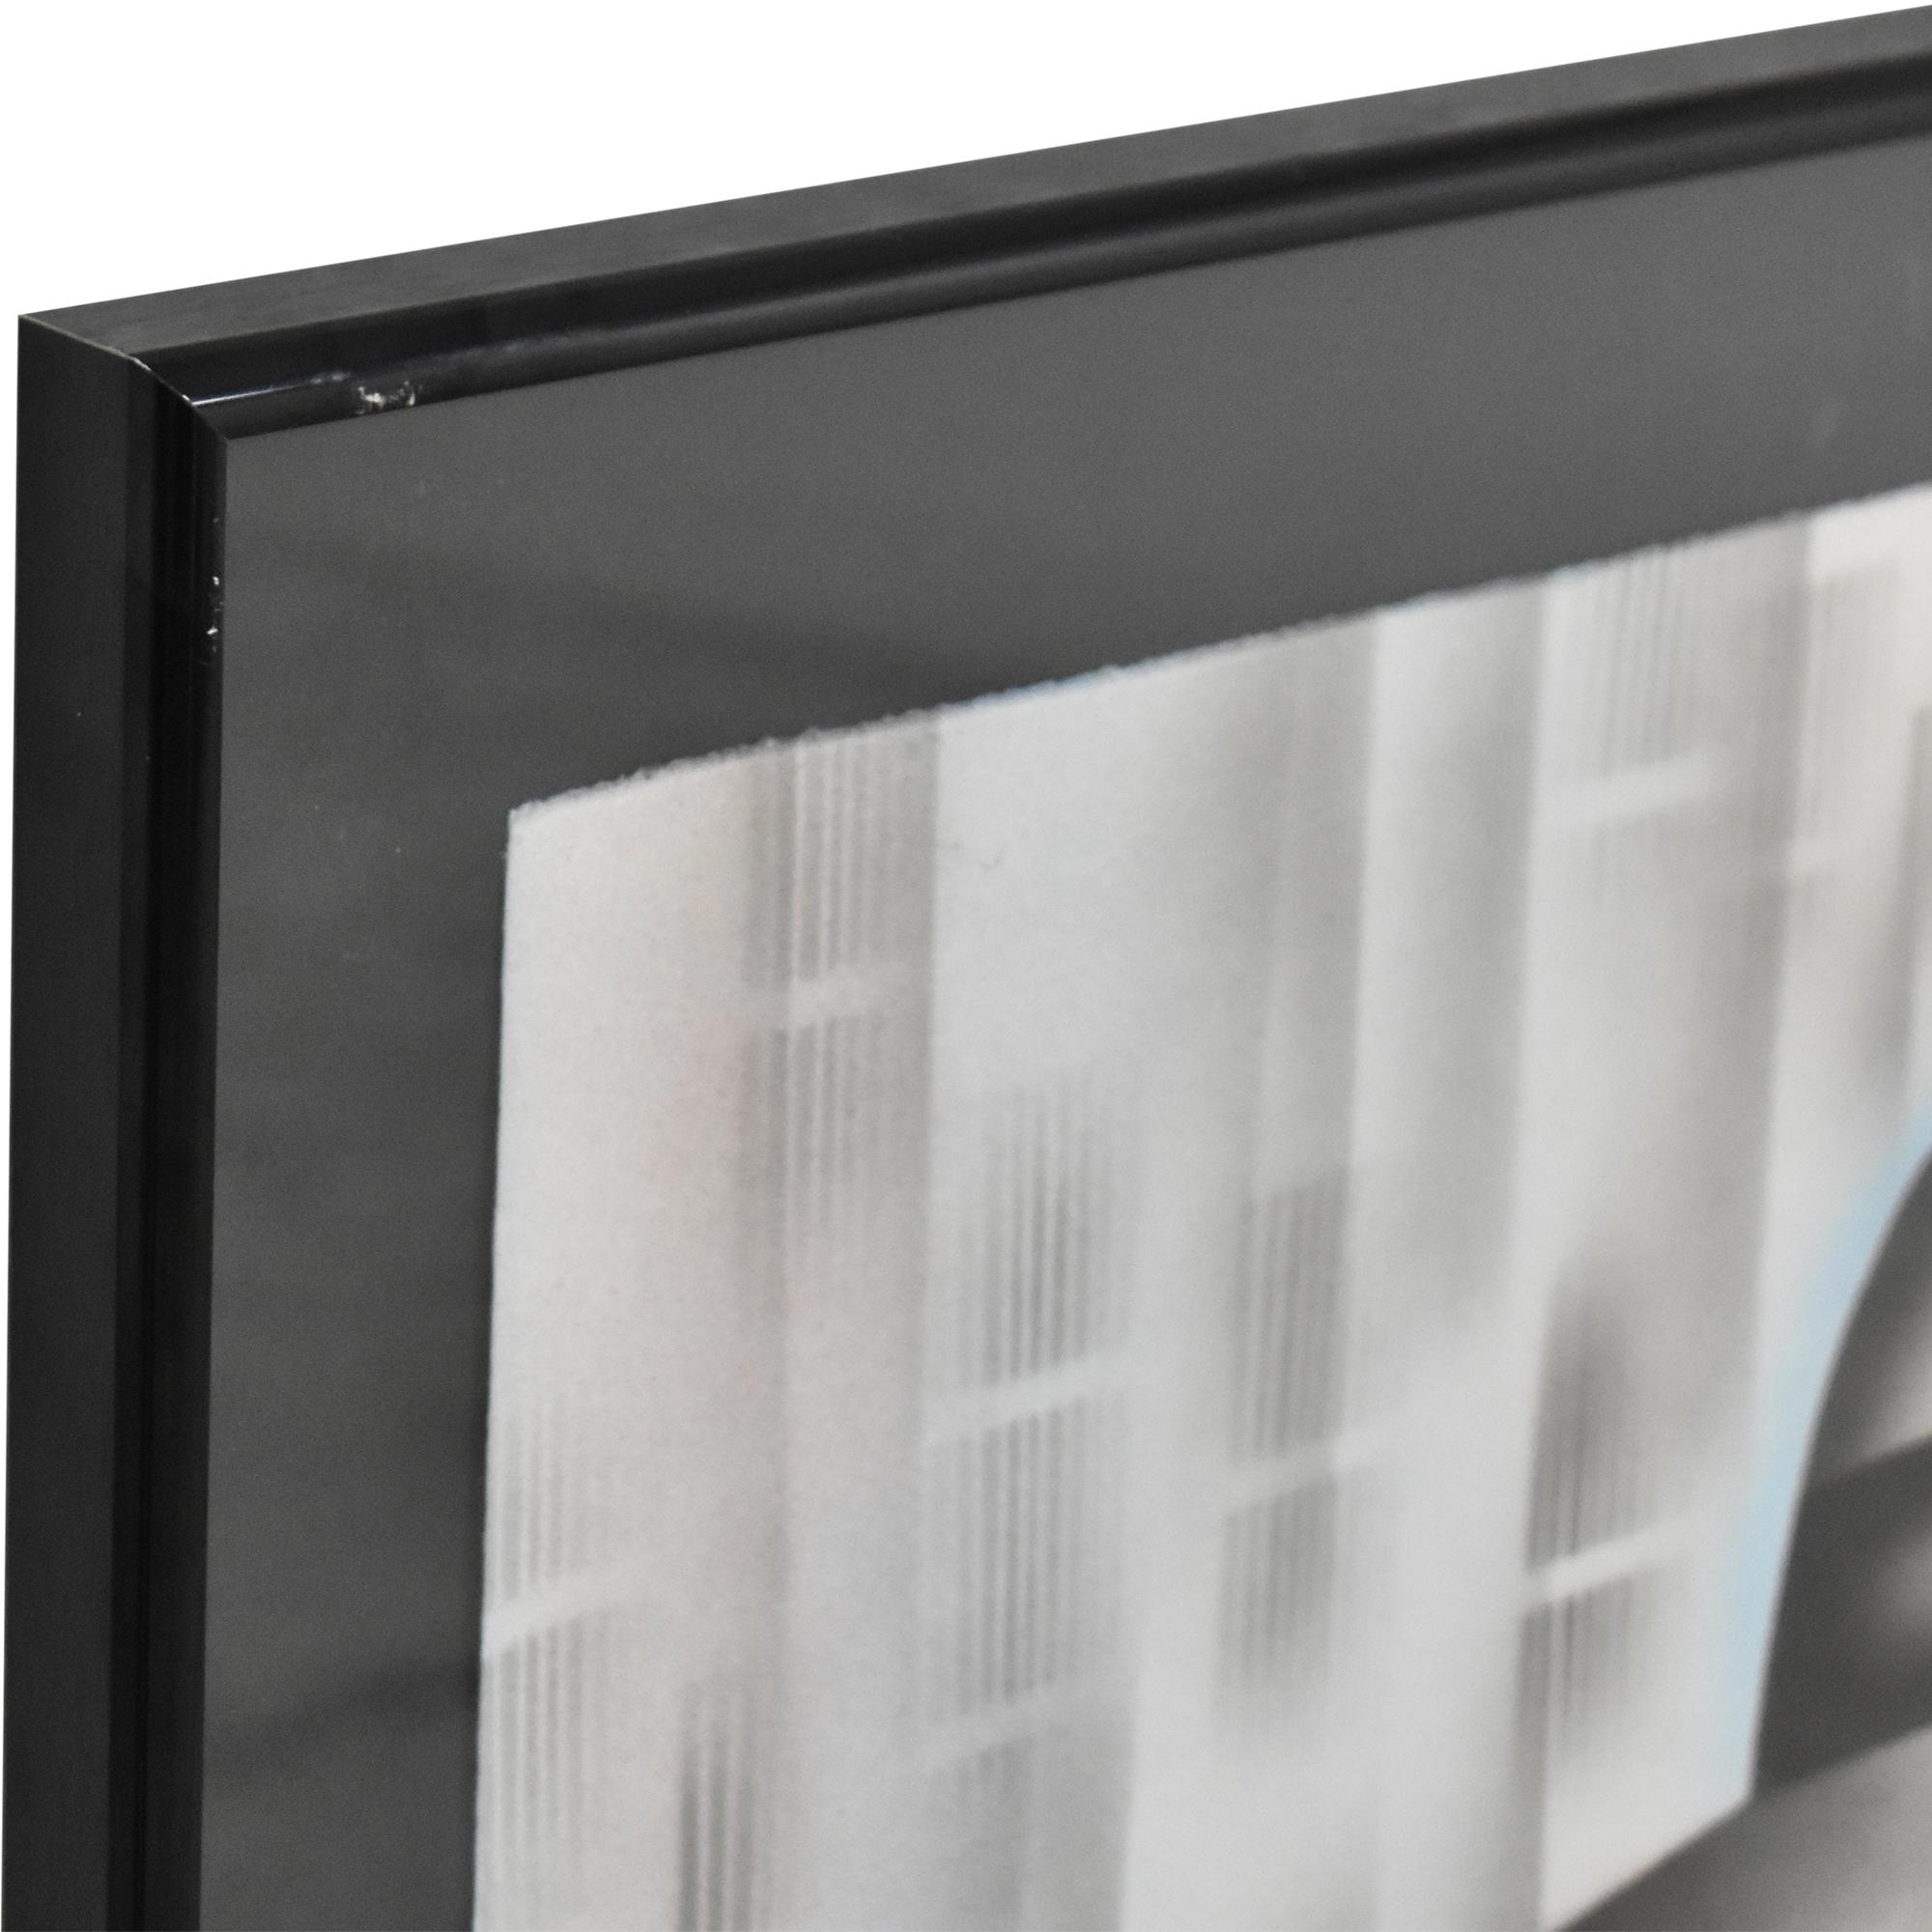 Framed Erik Freyman Wall Art dimensions